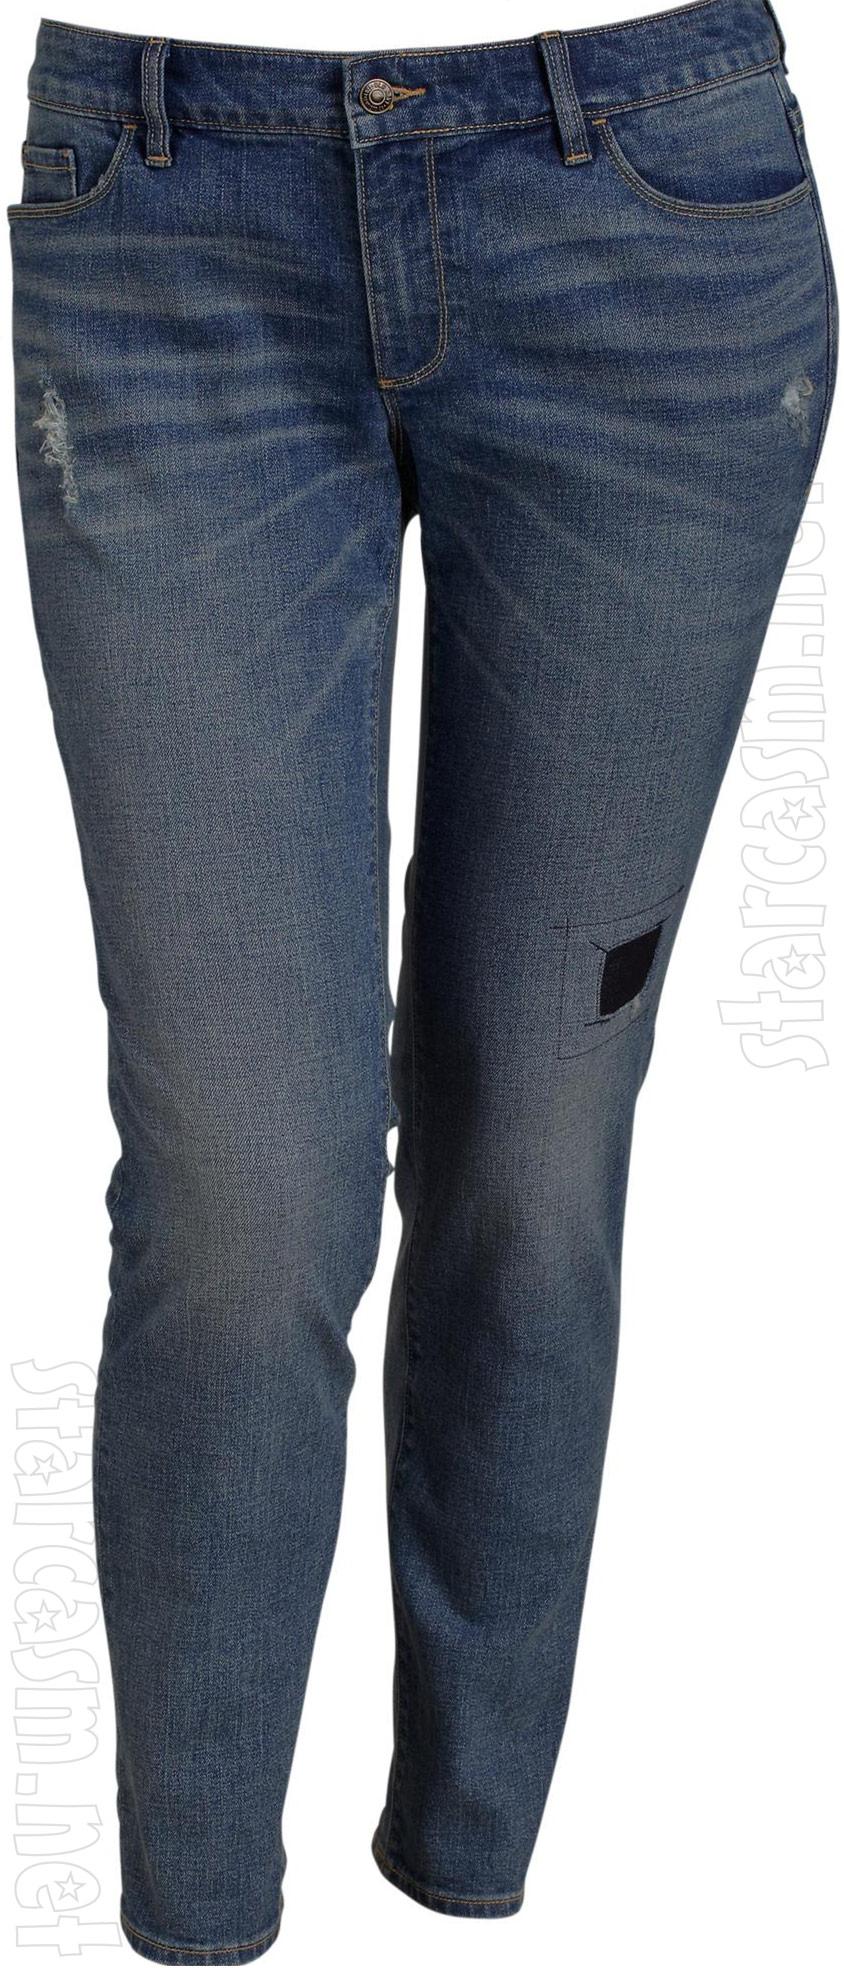 Hip Bones And Thigh Gaps Tumblr Thigh gap tumblr jeans